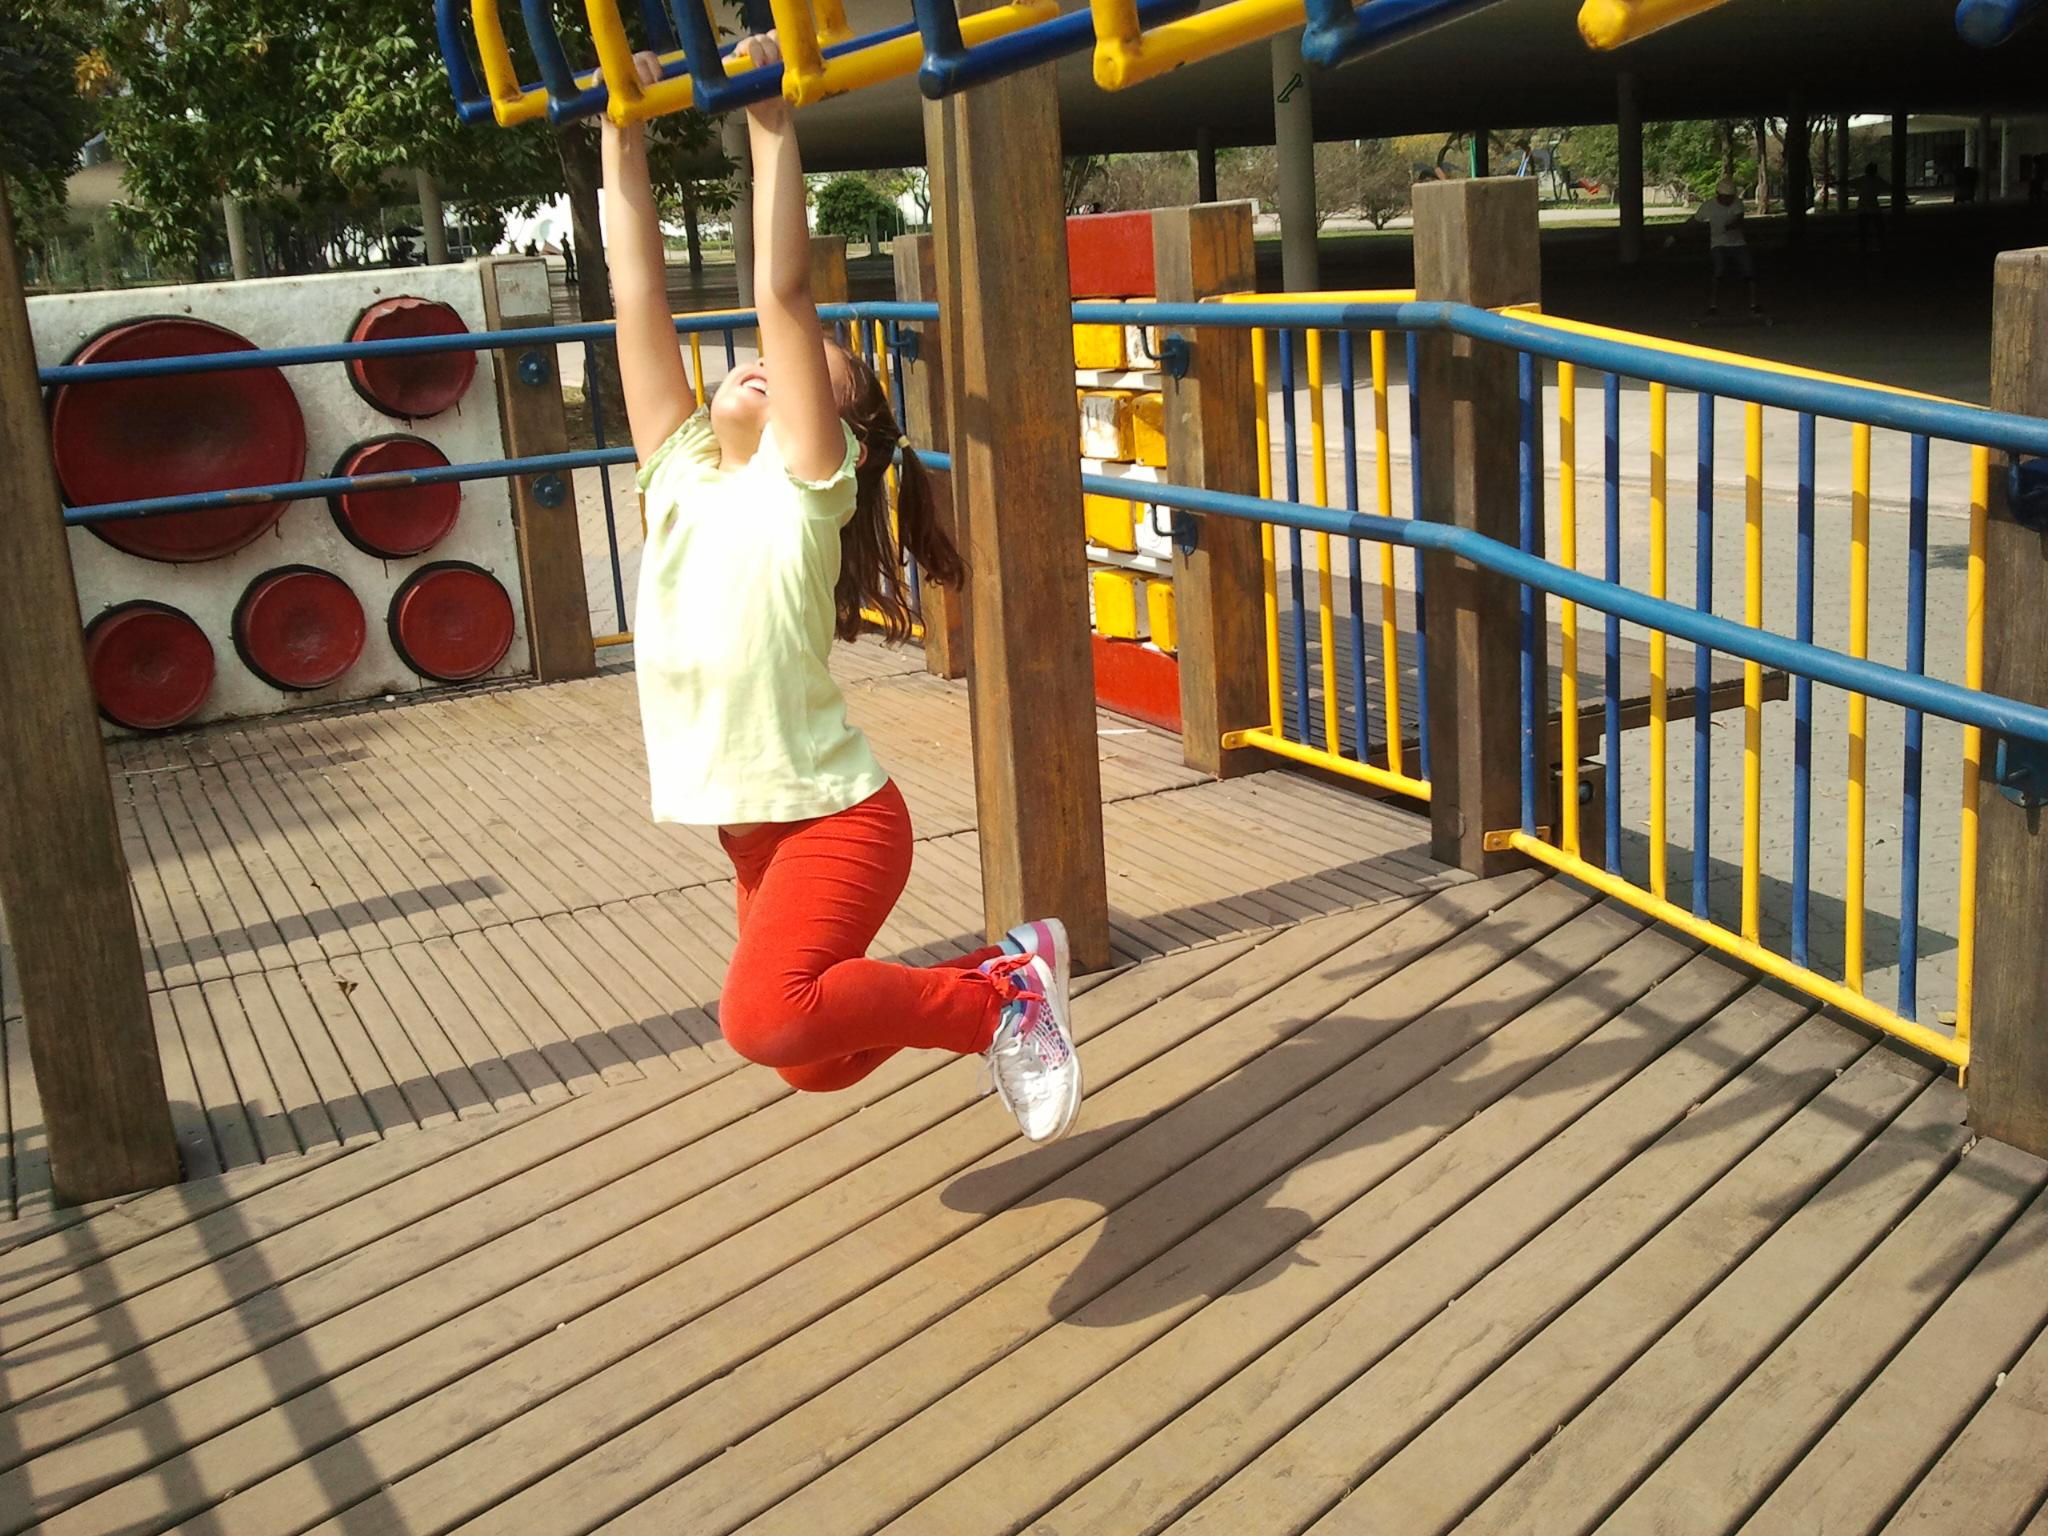 Circuito de barras de braquiagem para crianças pequenas